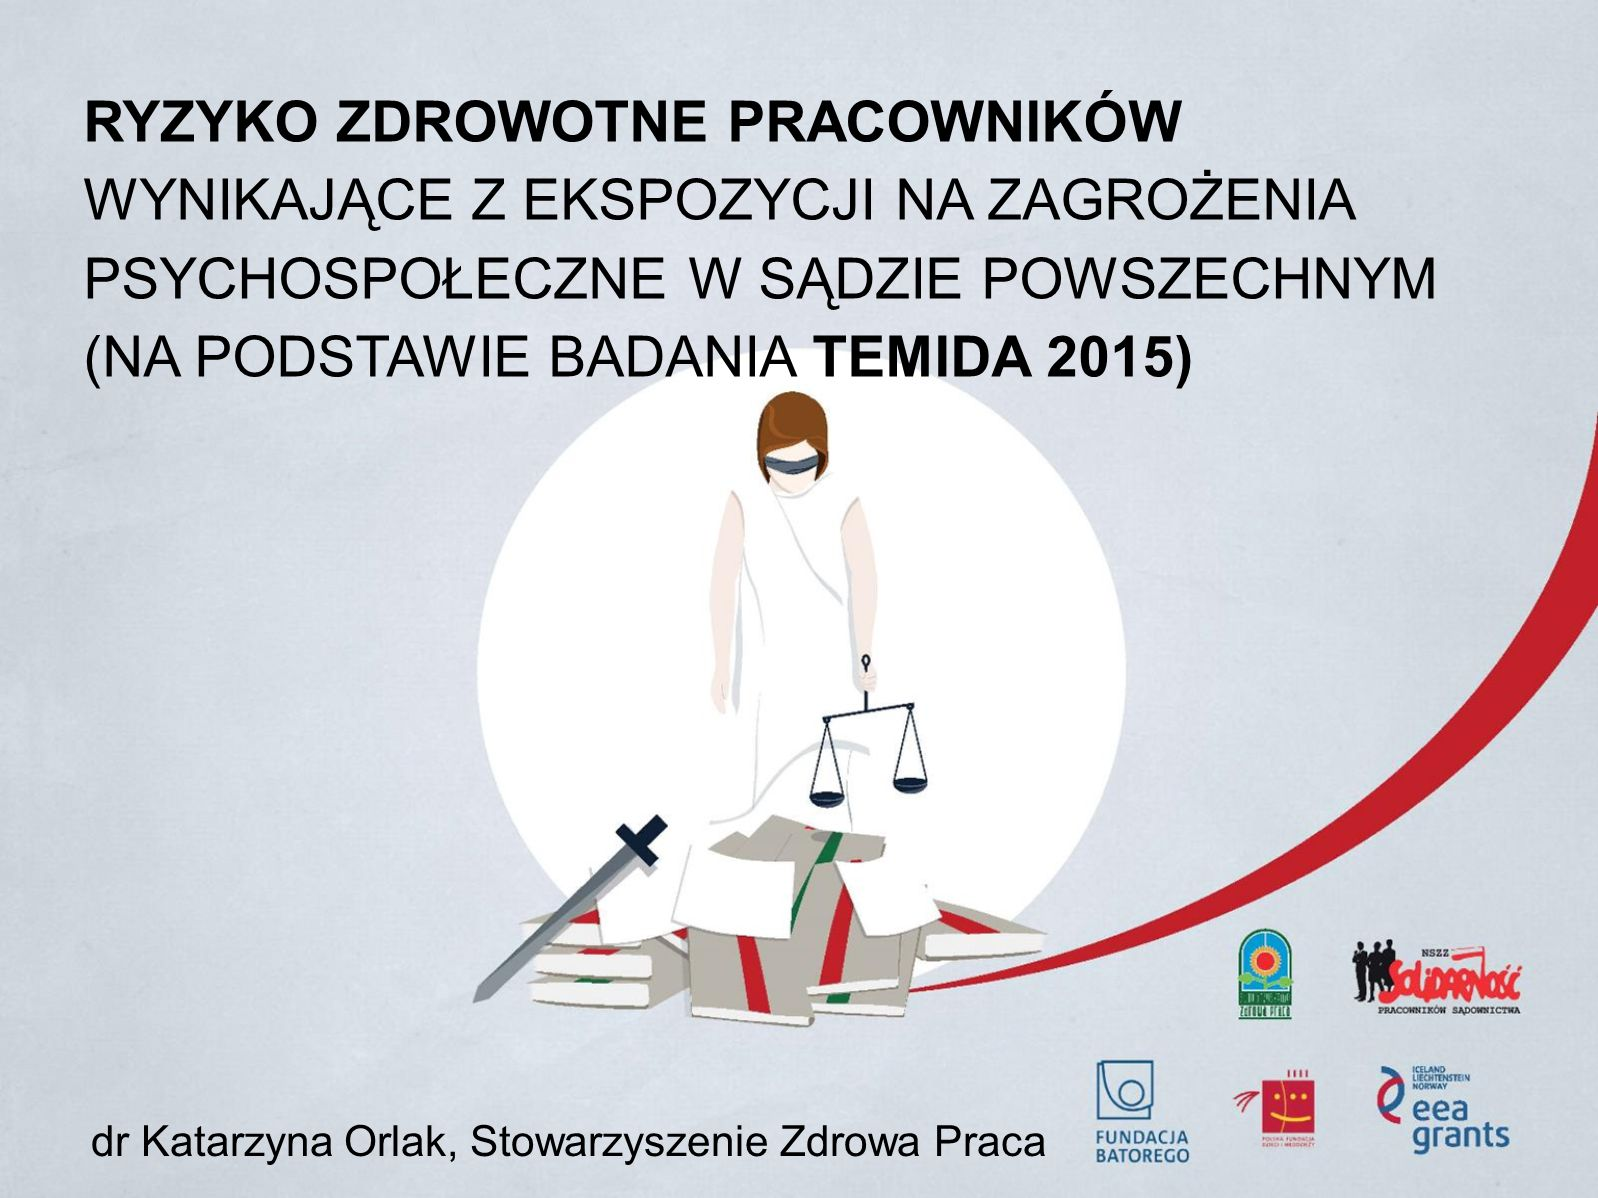 RYZYKO ZDROWOTNE PRACOWNIKÓW WYNIKAJĄCE Z EKSPOZYCJI NA ZAGROŻENIA PSYCHOSPOŁECZNE W SĄDZIE POWSZECHNYM (NA PODSTAWIE BADANIA TEMIDA 2015) dr Katarzyna Orlak, Stowarzyszenie Zdrowa Praca